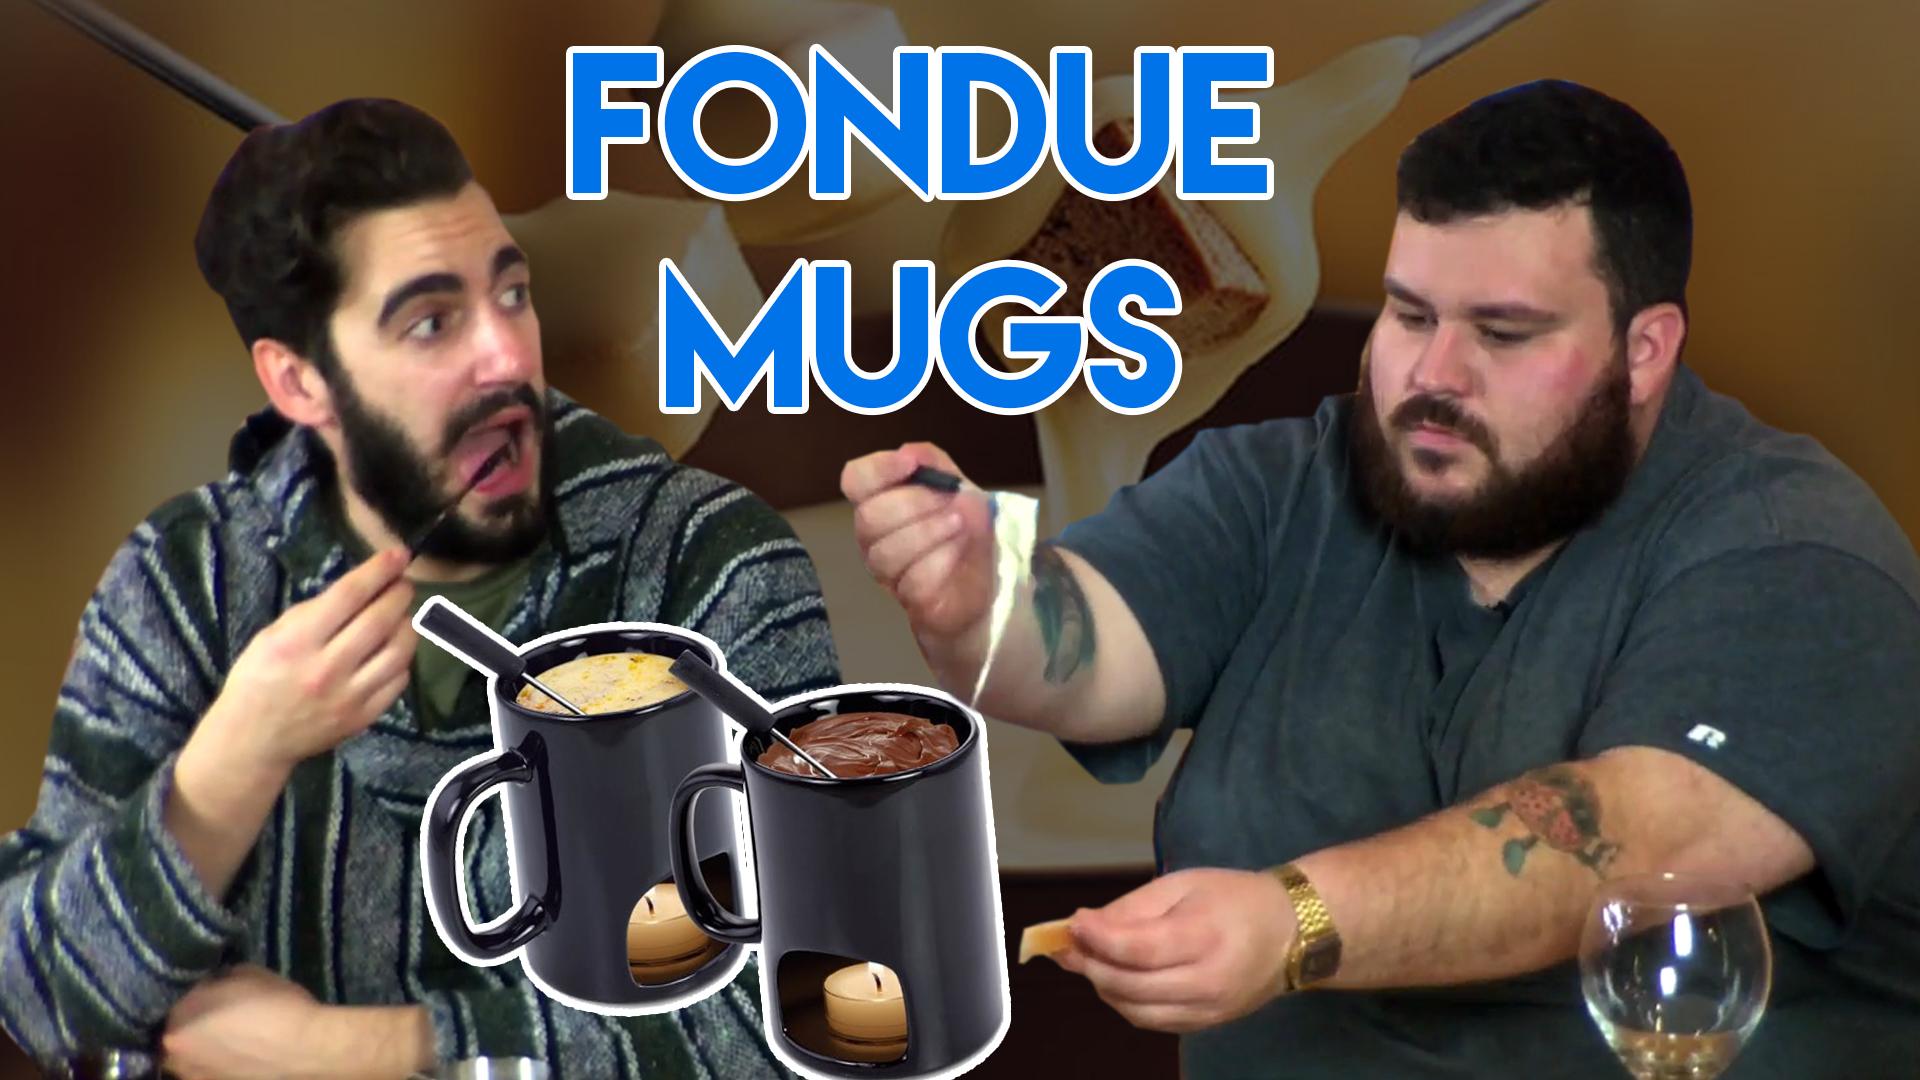 Unboxed - Fondue Mugs